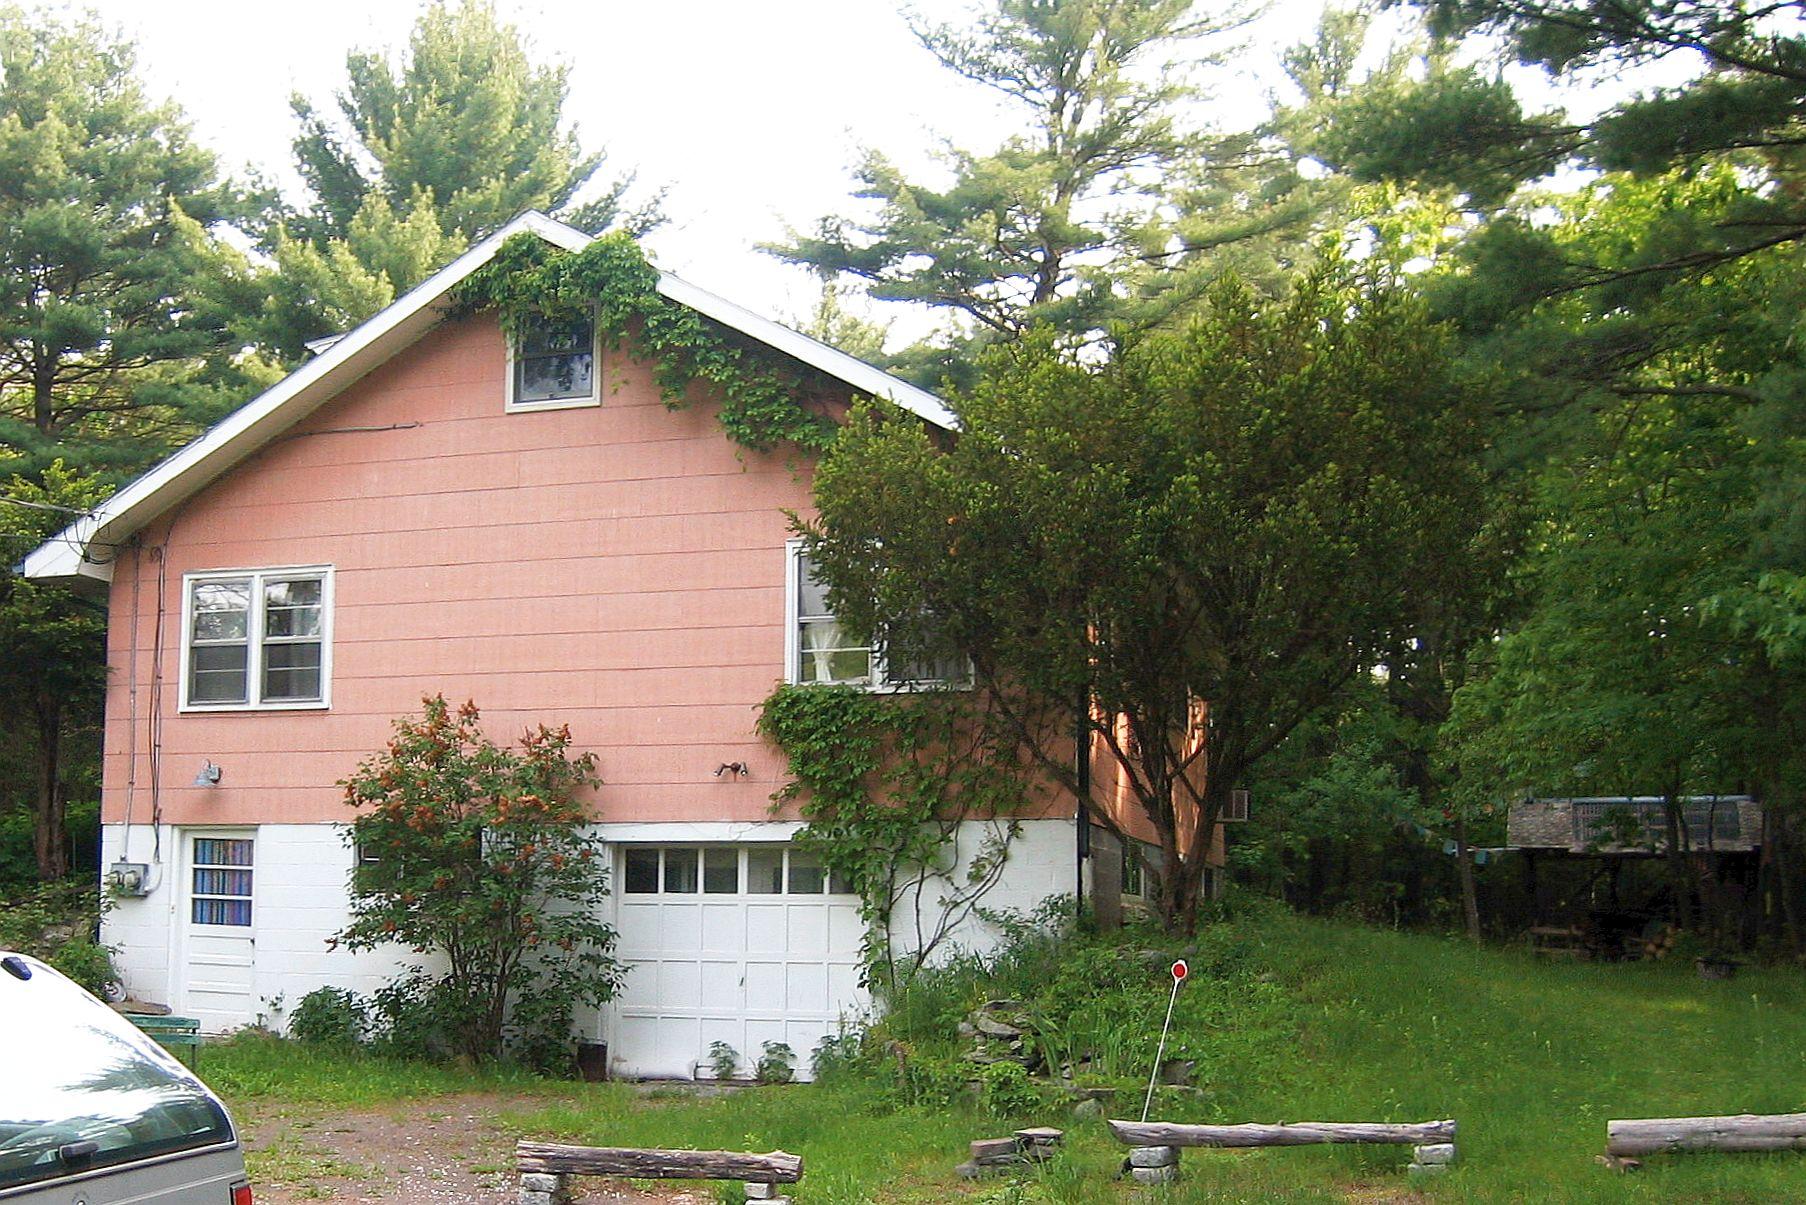 Une photographie d'une maison à plusieurs étages. La partie supérieure est peinte en rose clair. Le bas, y compris le garage, est peint en blanc. Elle se trouve dans un cadre rural, entourée d'arbres.